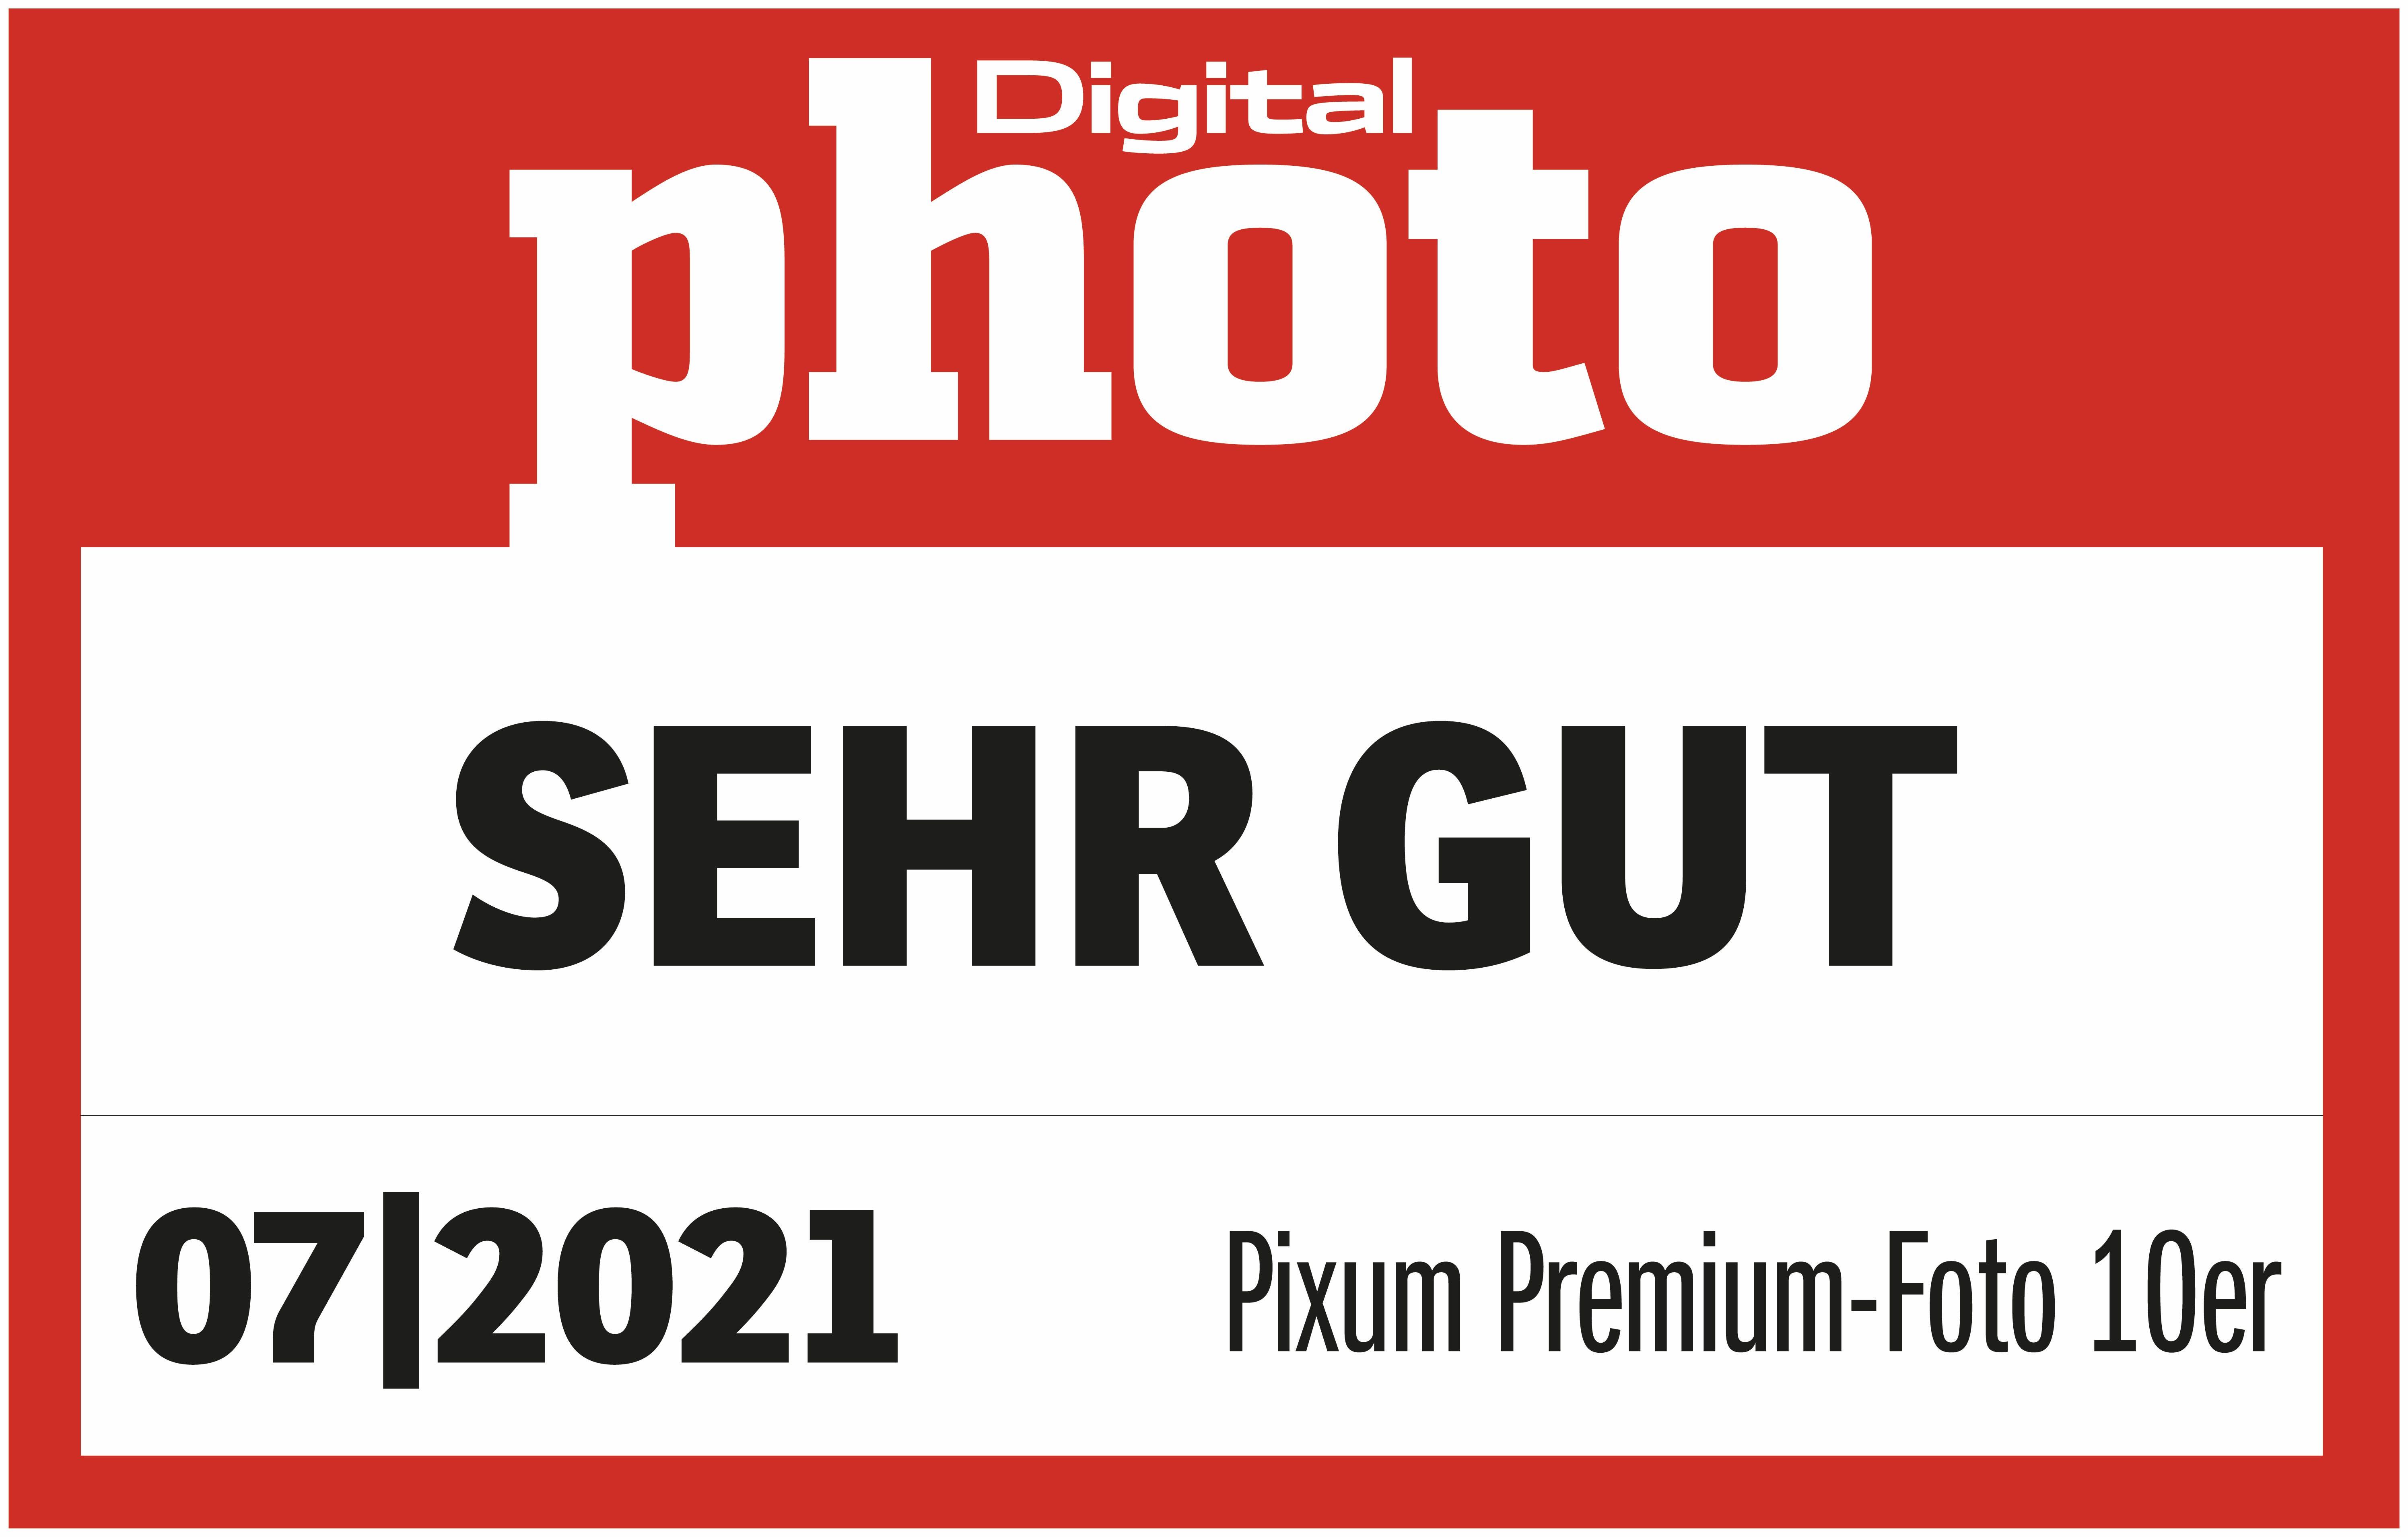 """Test-Logo """"Sehr gut"""" DigitalPHOTO 10er Premium-Foto 07/2021"""